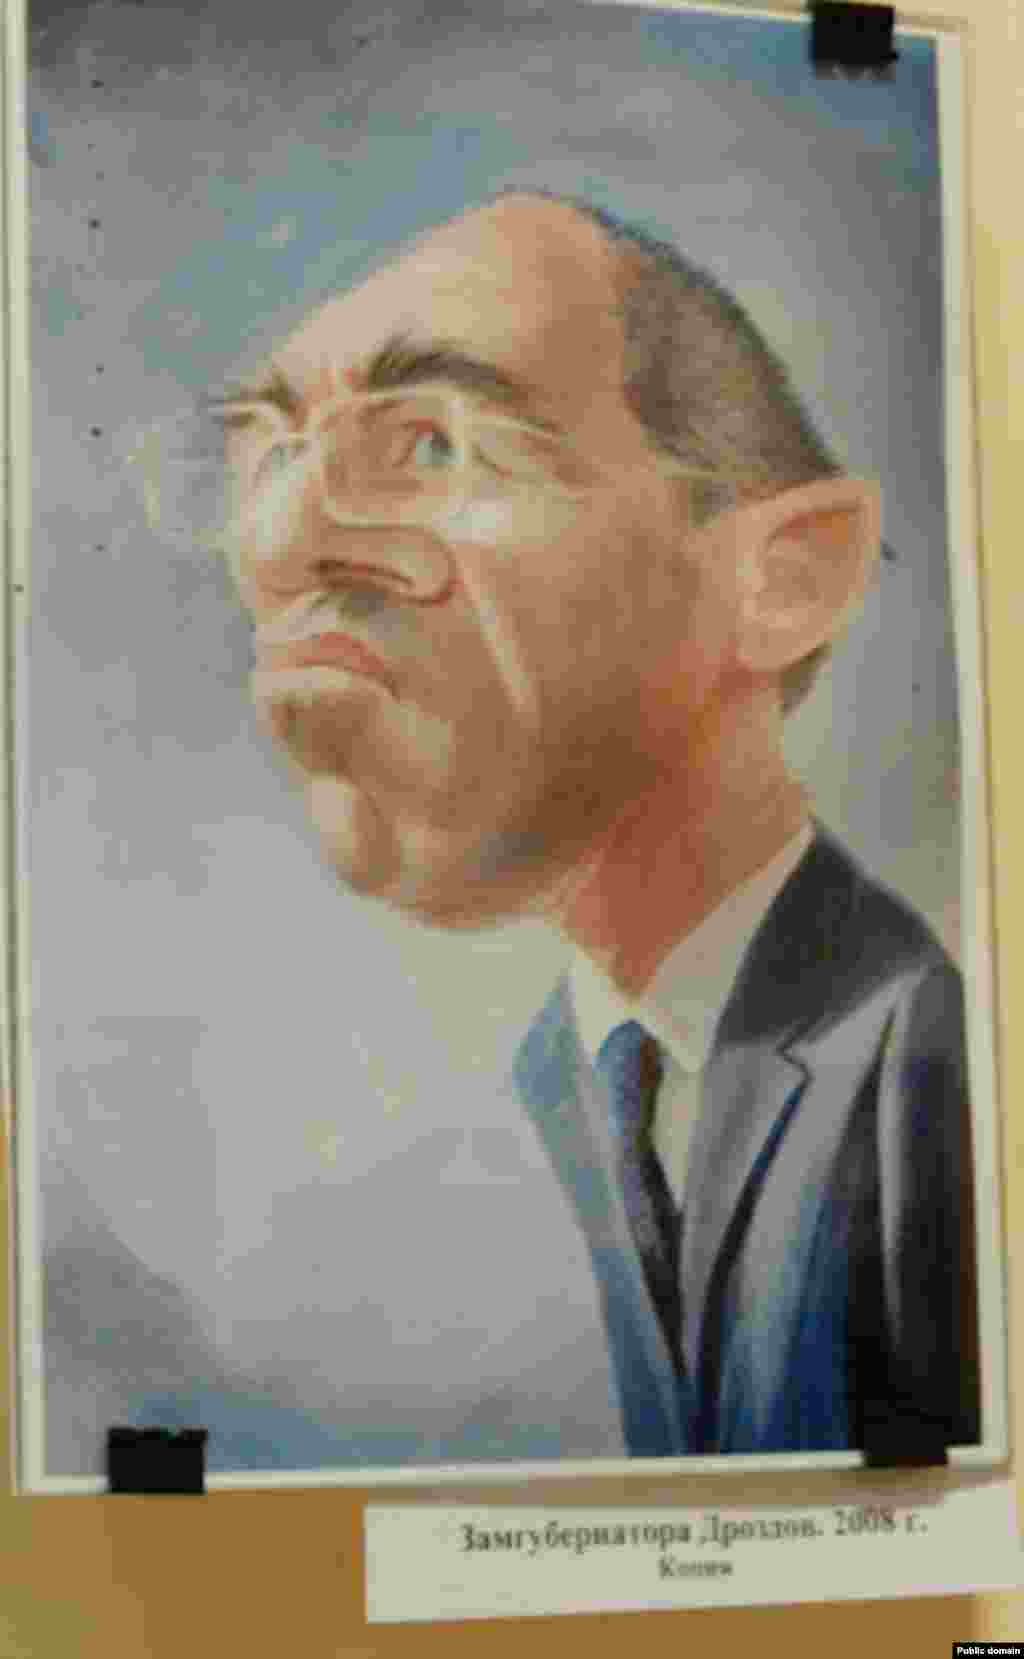 Камчатканың элекке губернатор урынбасары Александр Дроздов. Матбугатны каты контрольгә алырга тырышканы өчен журналистлар аны Геббельс дип атыйлар.